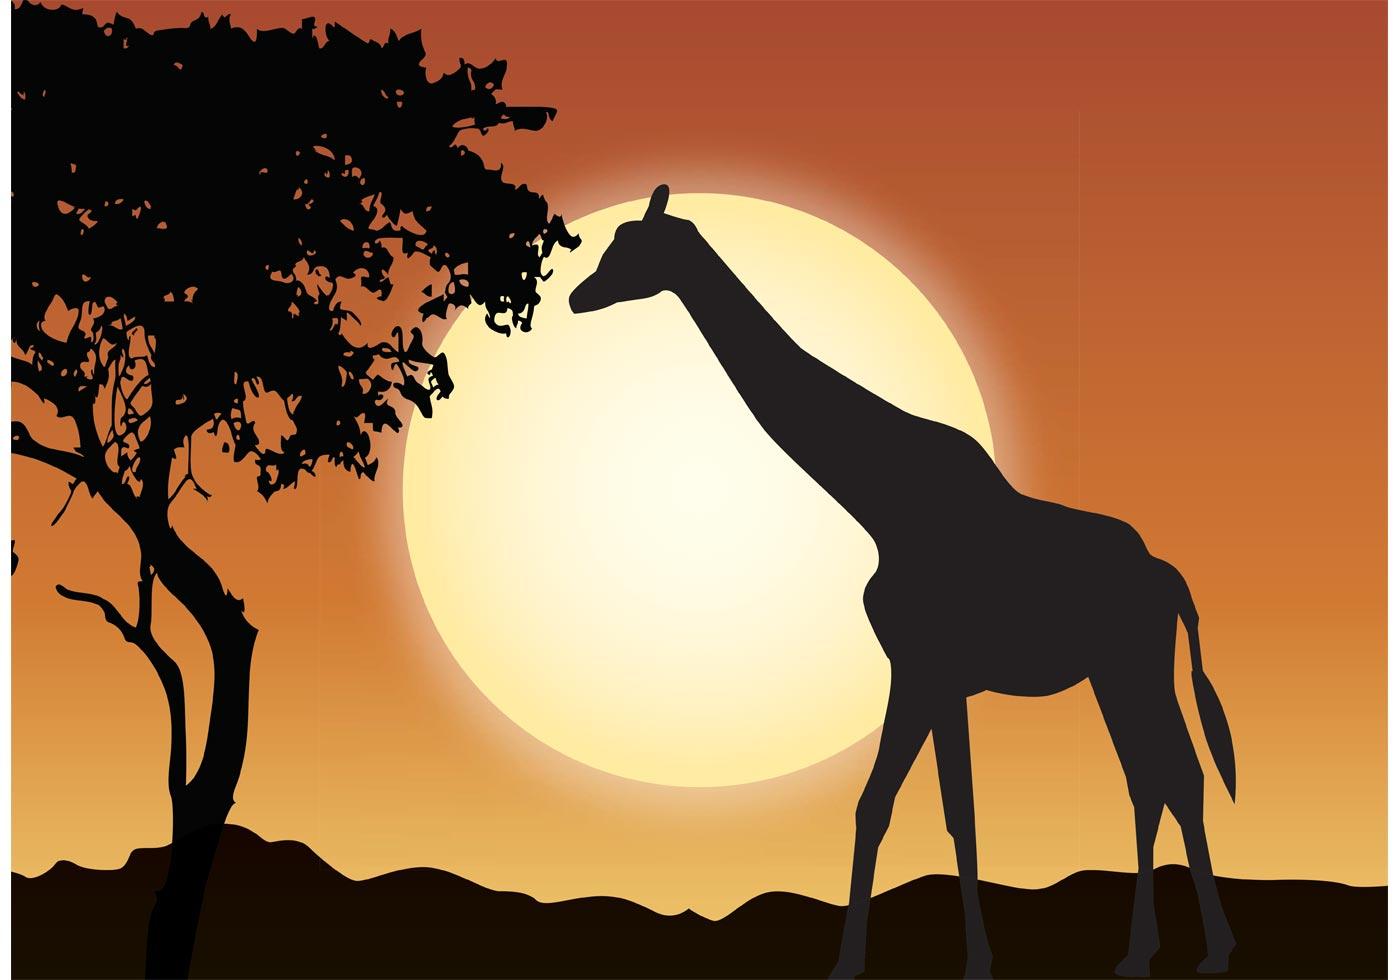 Outdoor Wildlife Illustration - Download Free Vectors ...